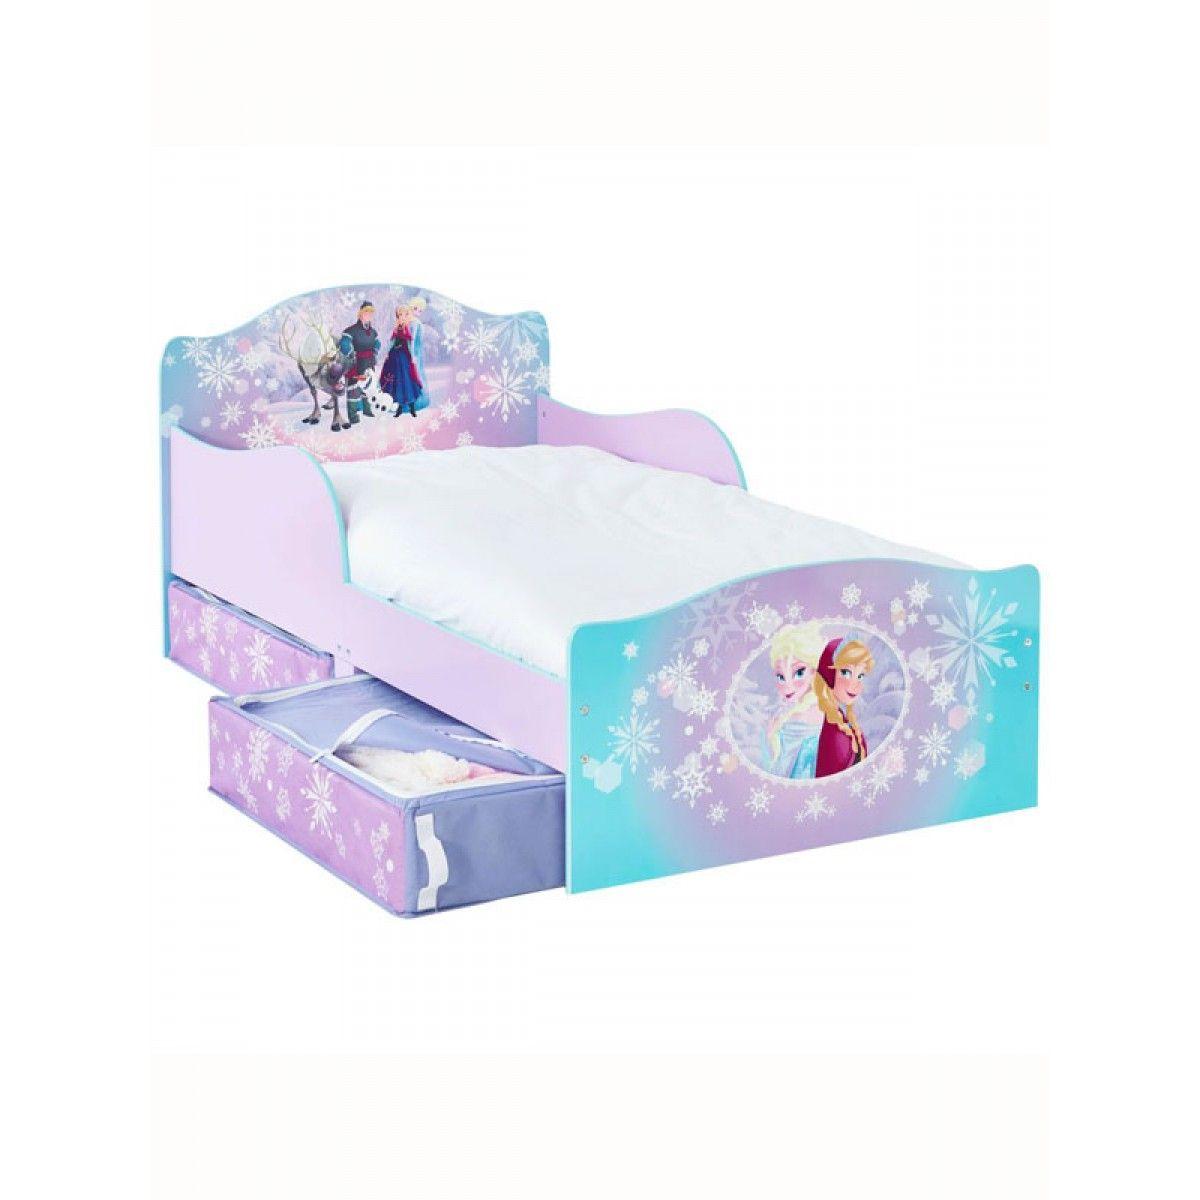 Disney Frozen Toddler Bed With Underbed Storage Frozen Bedroom